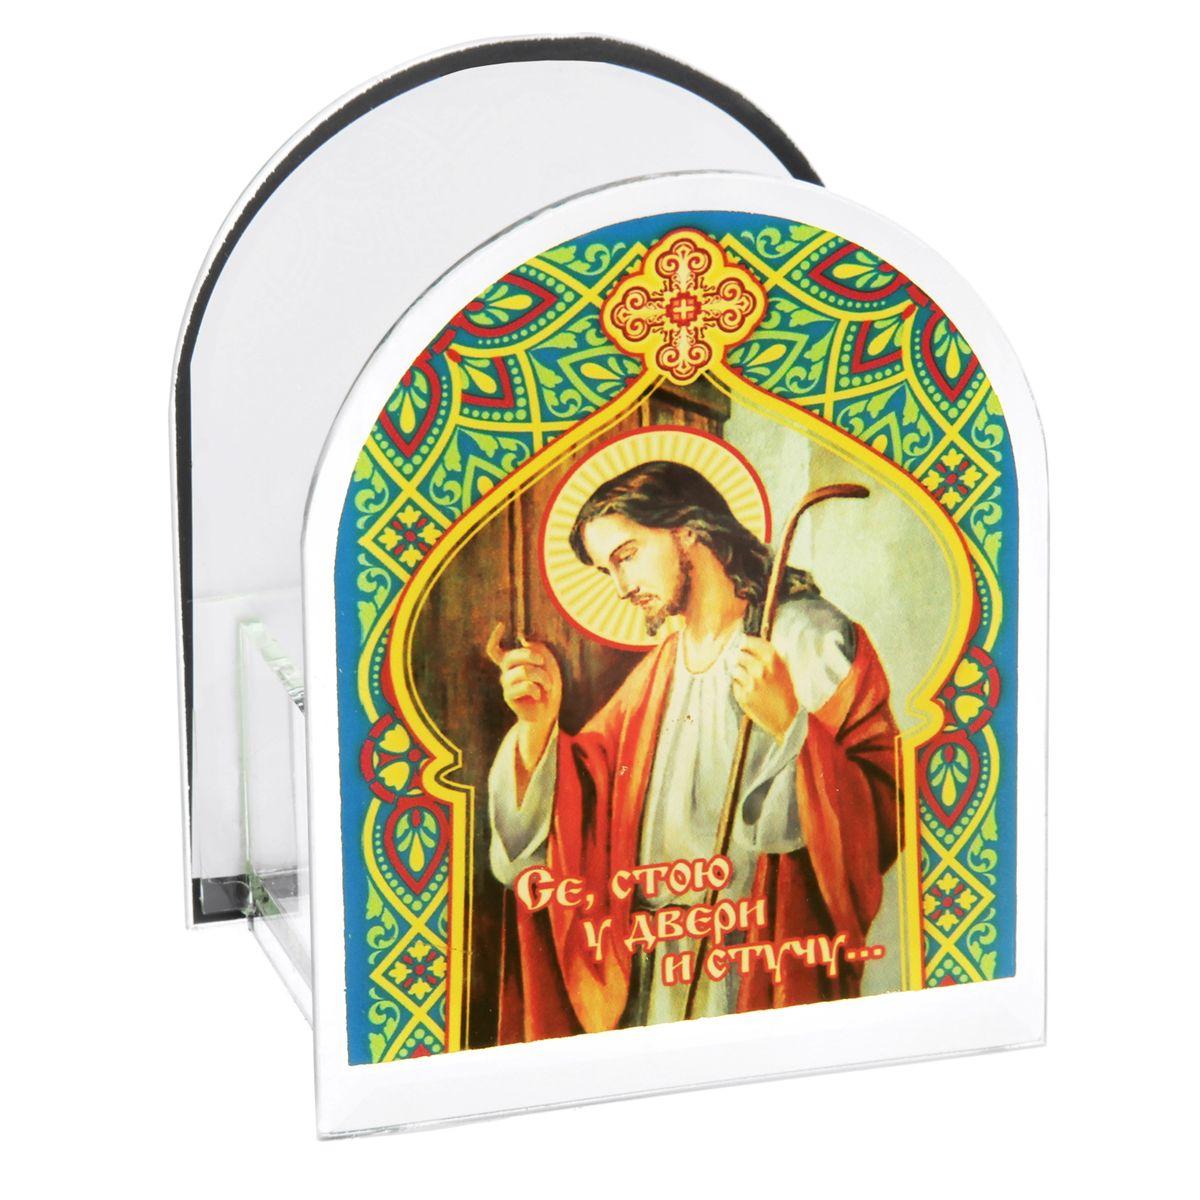 Подсвечник Sima-land Се, стою у двери и стучу...UP210DFПодсвечник Sima-land Се, стою у двери и стучу... изготовлен из качественного стекла, предназначен для свечи в гильзе. С одной стороны подсвечника изображен лик святого, с другой стороны нанесен текст. Зажгите свечку поставьте ее в подсвечник и наслаждайтесь теплом, которое наполнит ваше сердце.Такой подсвечник привнесет в ваш дом согласие и мир и будет прекрасным подарком, оберегающим близких вам людей. Размер подсвечника (ДхШхВ): 9 см х 7 см х 11 см.Диаметр отверстия для свечи: 4,5 см.